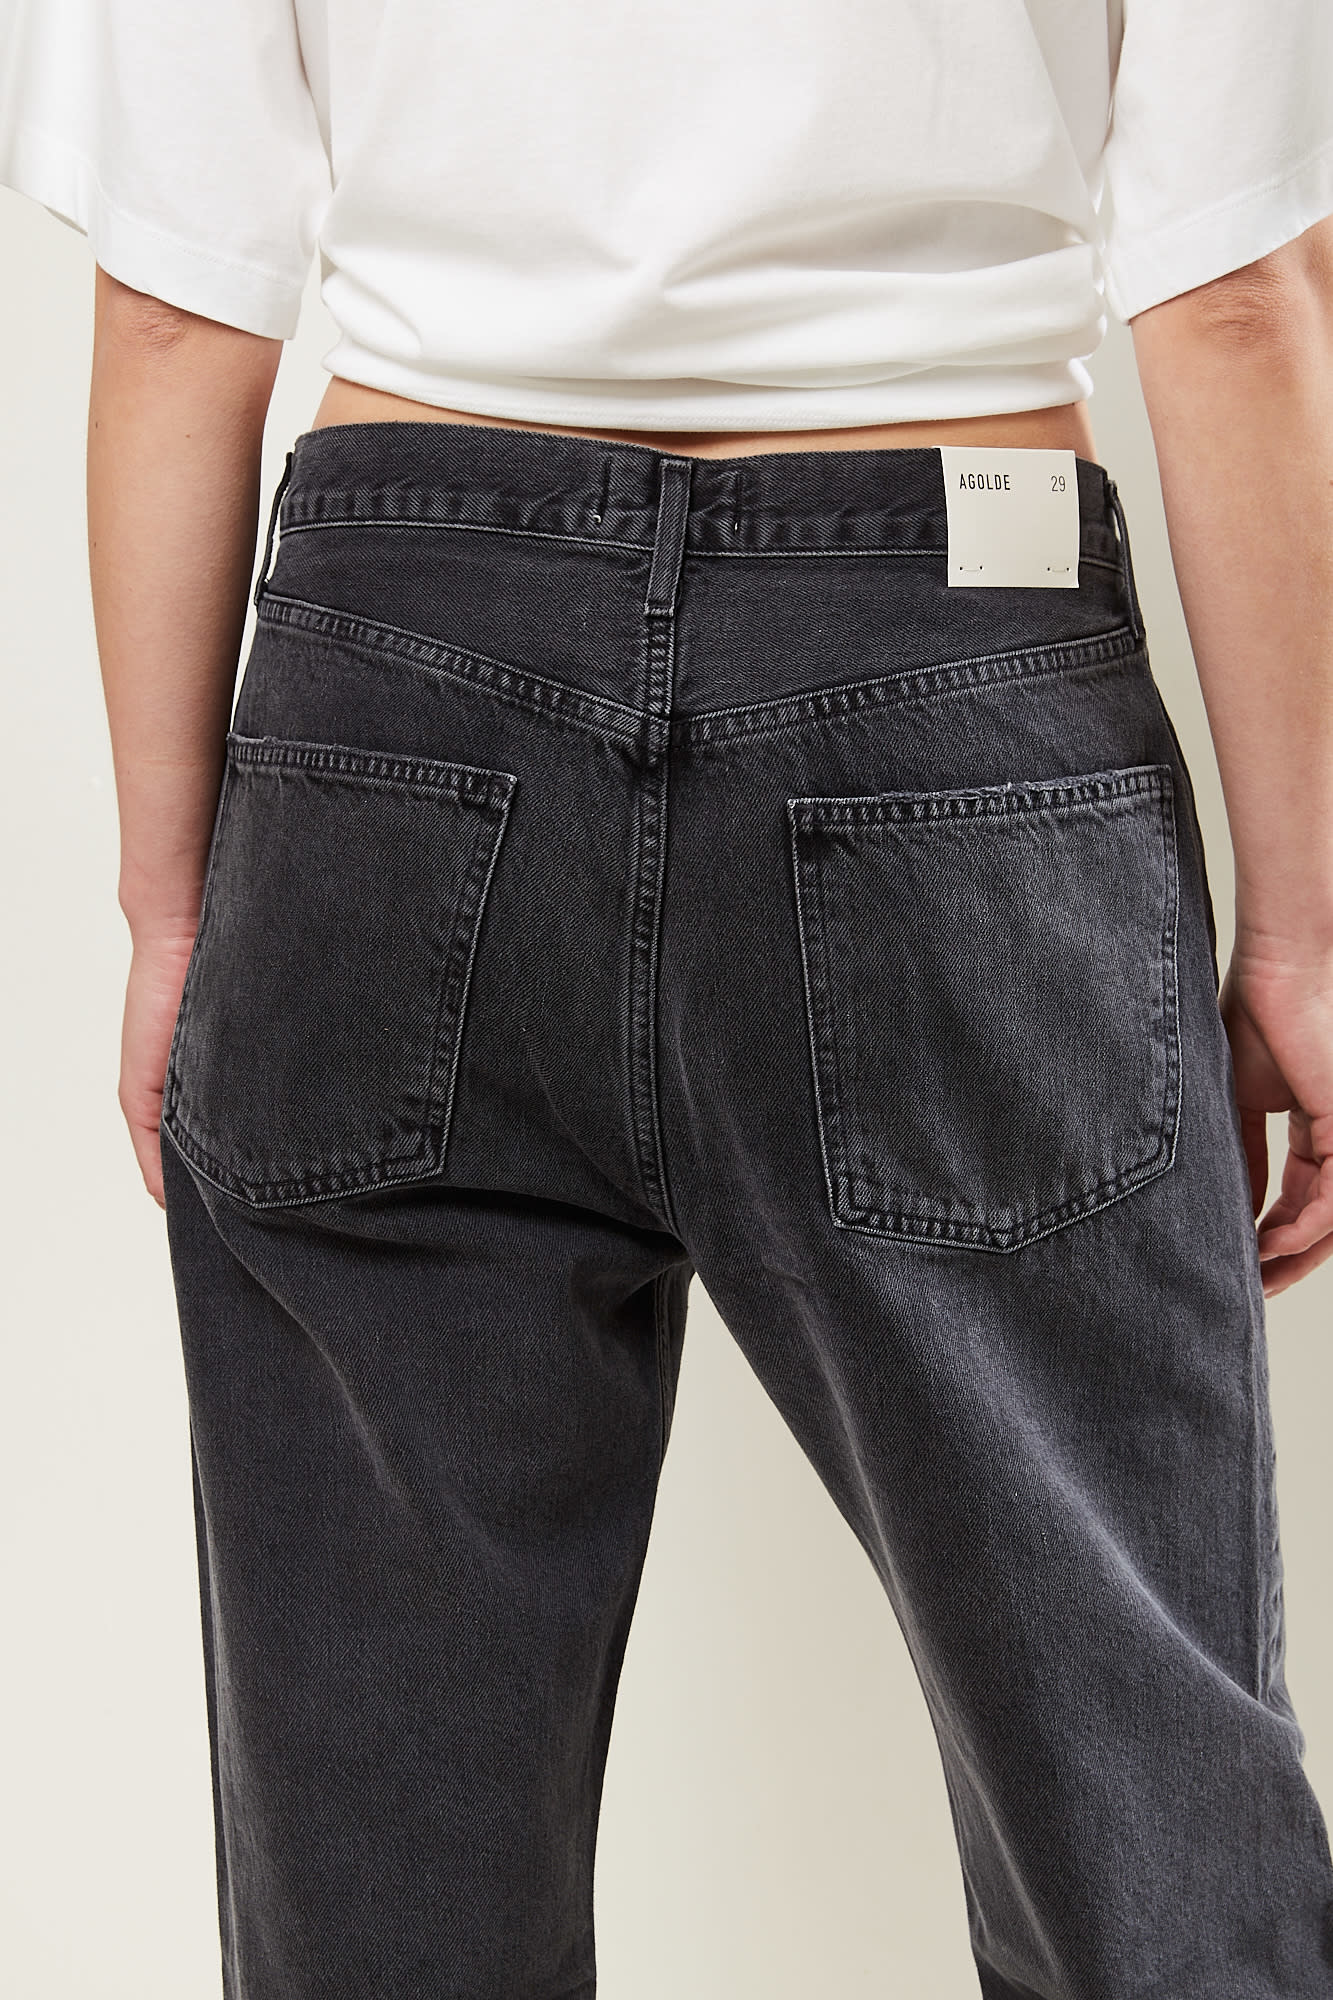 Photogr 90's fit jeans